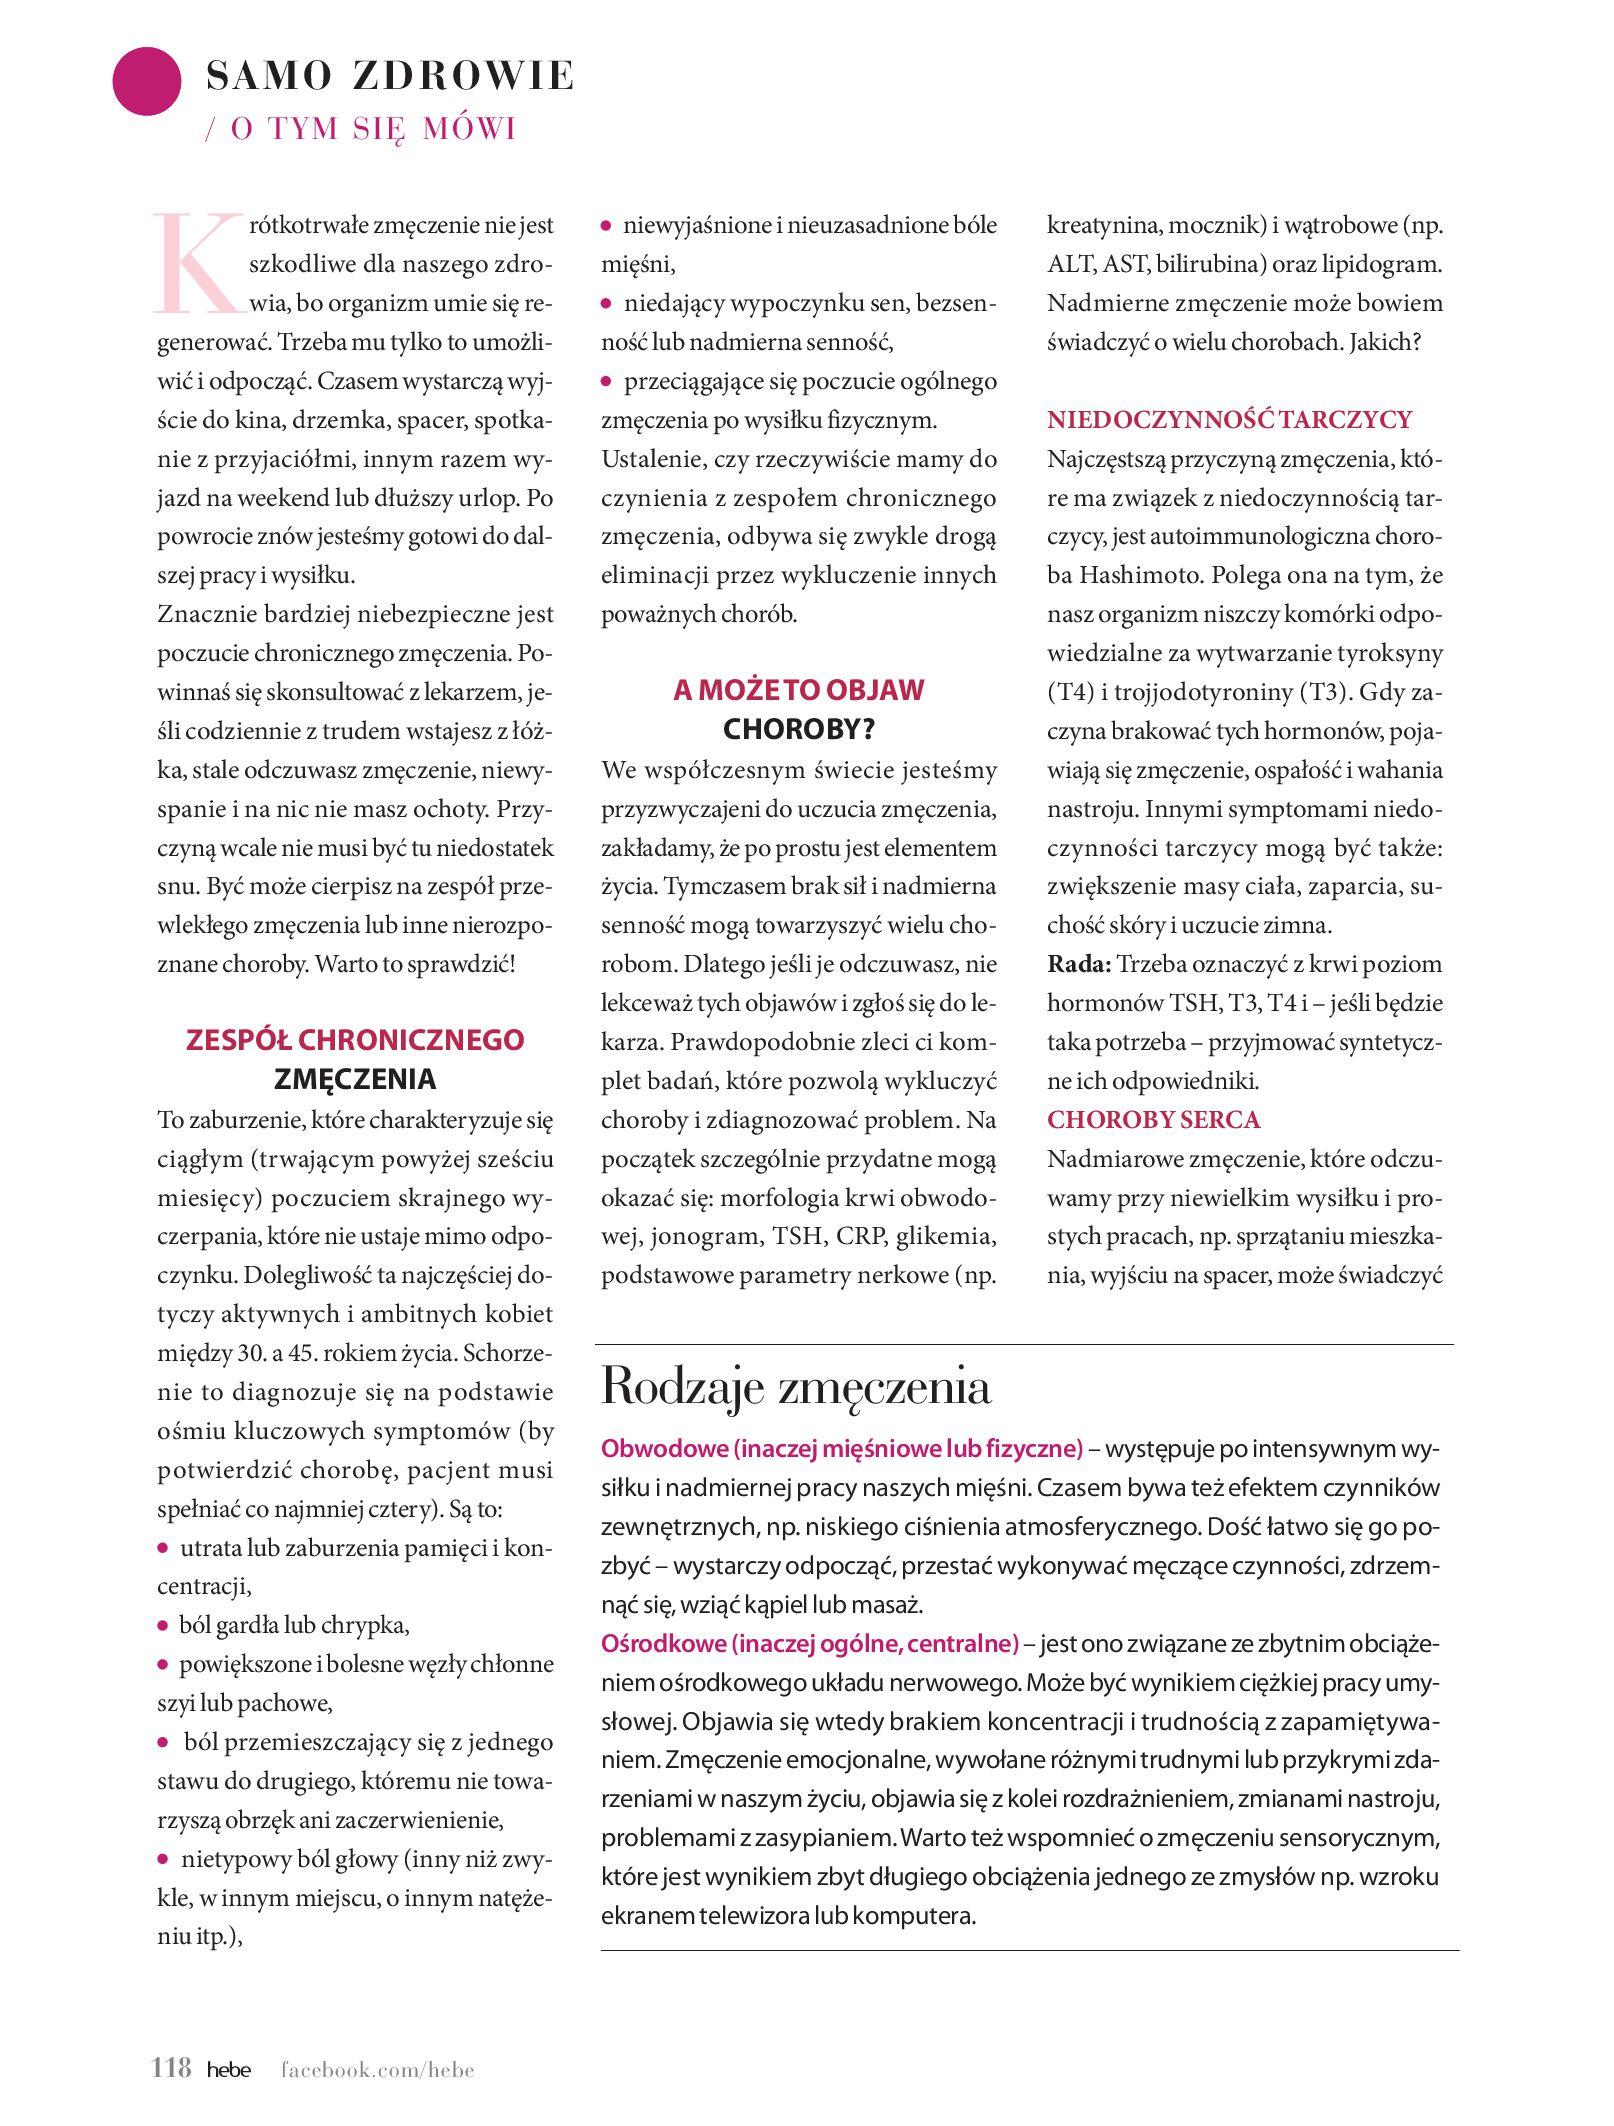 Gazetka hebe: Magazyn hebe - TURBO nawilżanie po urlopie 2021-09-01 page-118